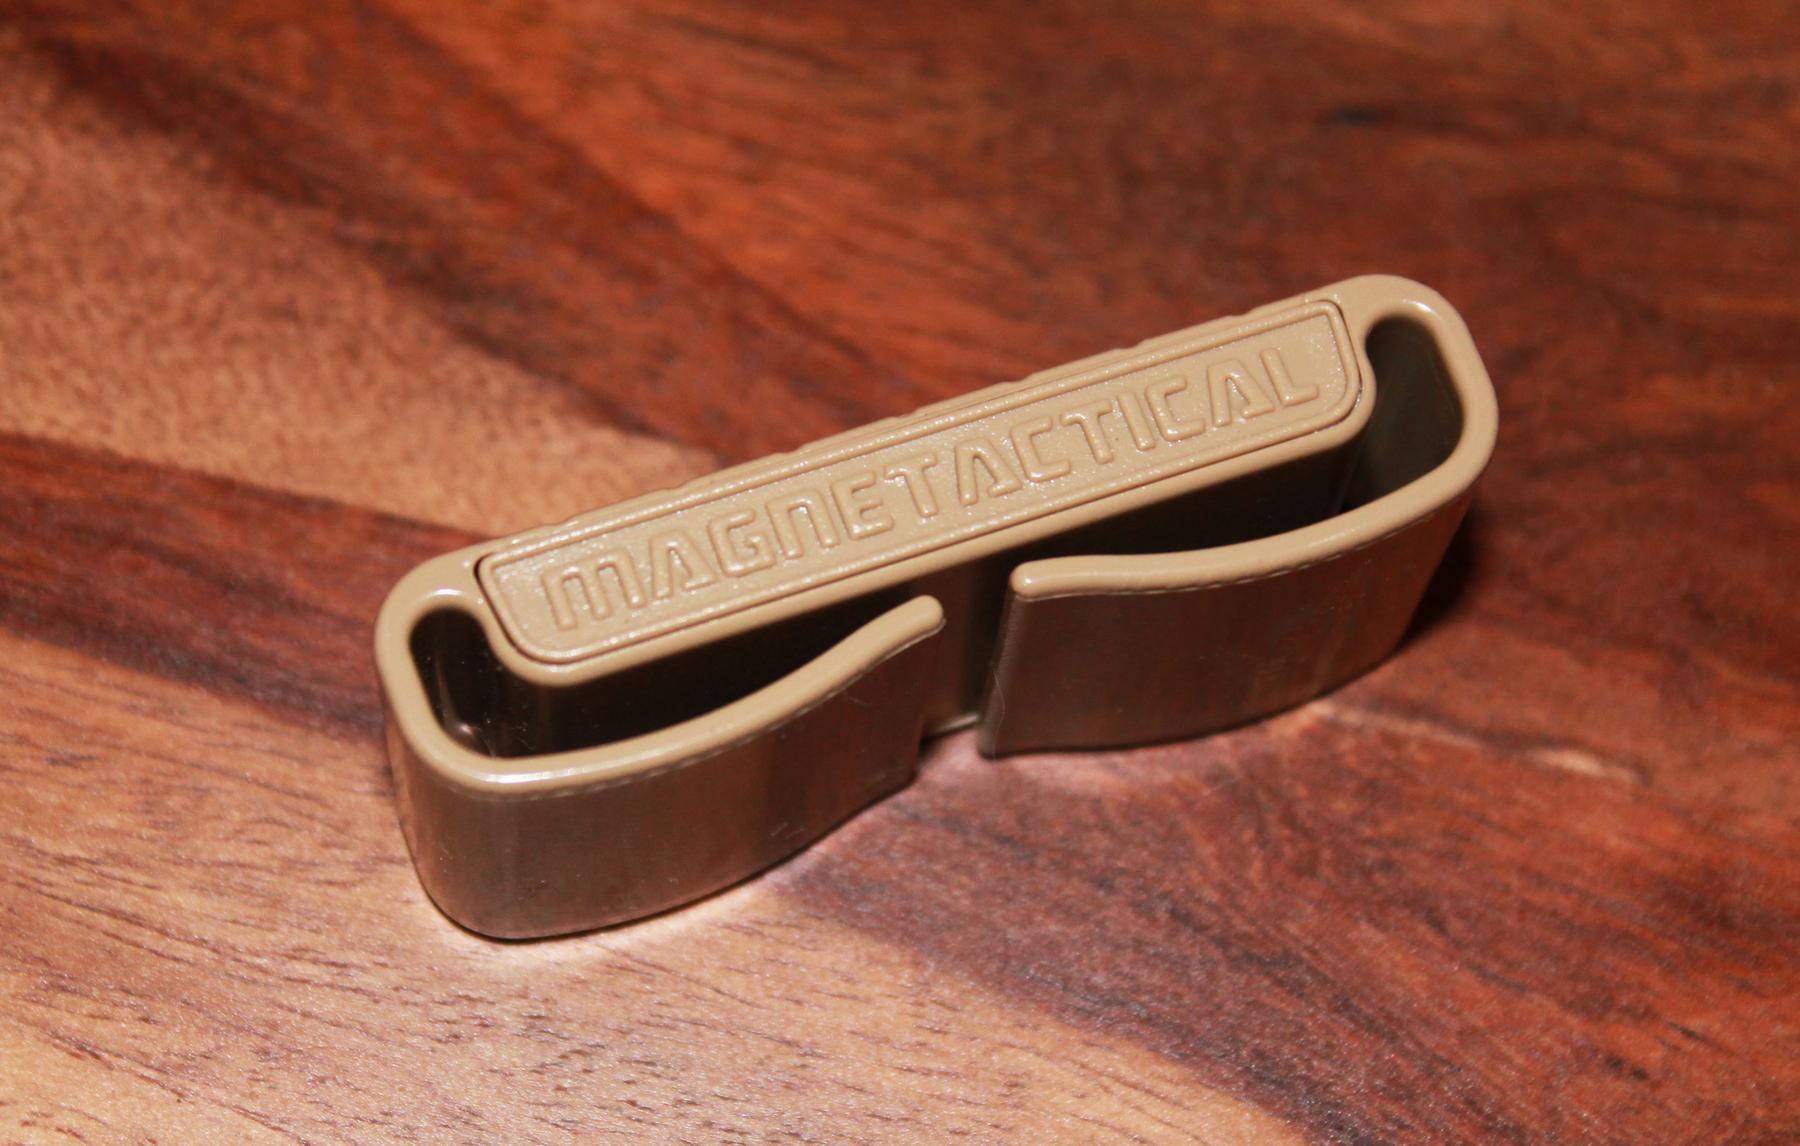 Magnetactical Tan clip